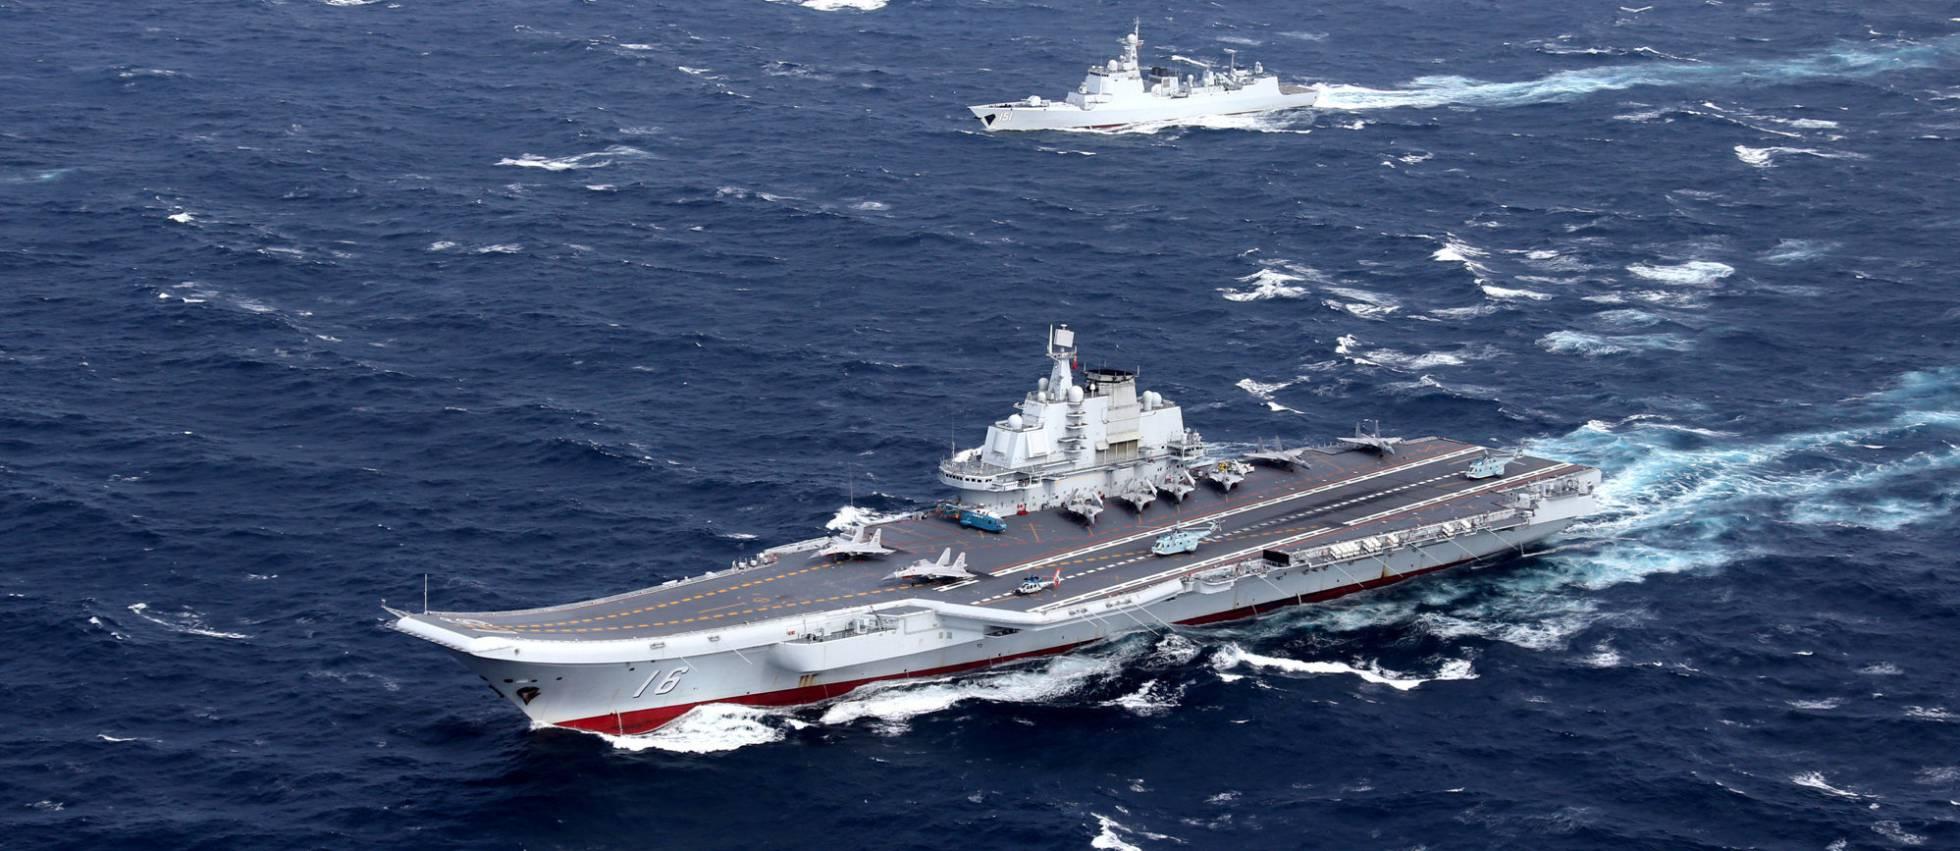 """guerra - Una guerra """"en teoría"""" contra China - Página 4 1484311405_912644_1484311542_noticia_normal_recorte1"""